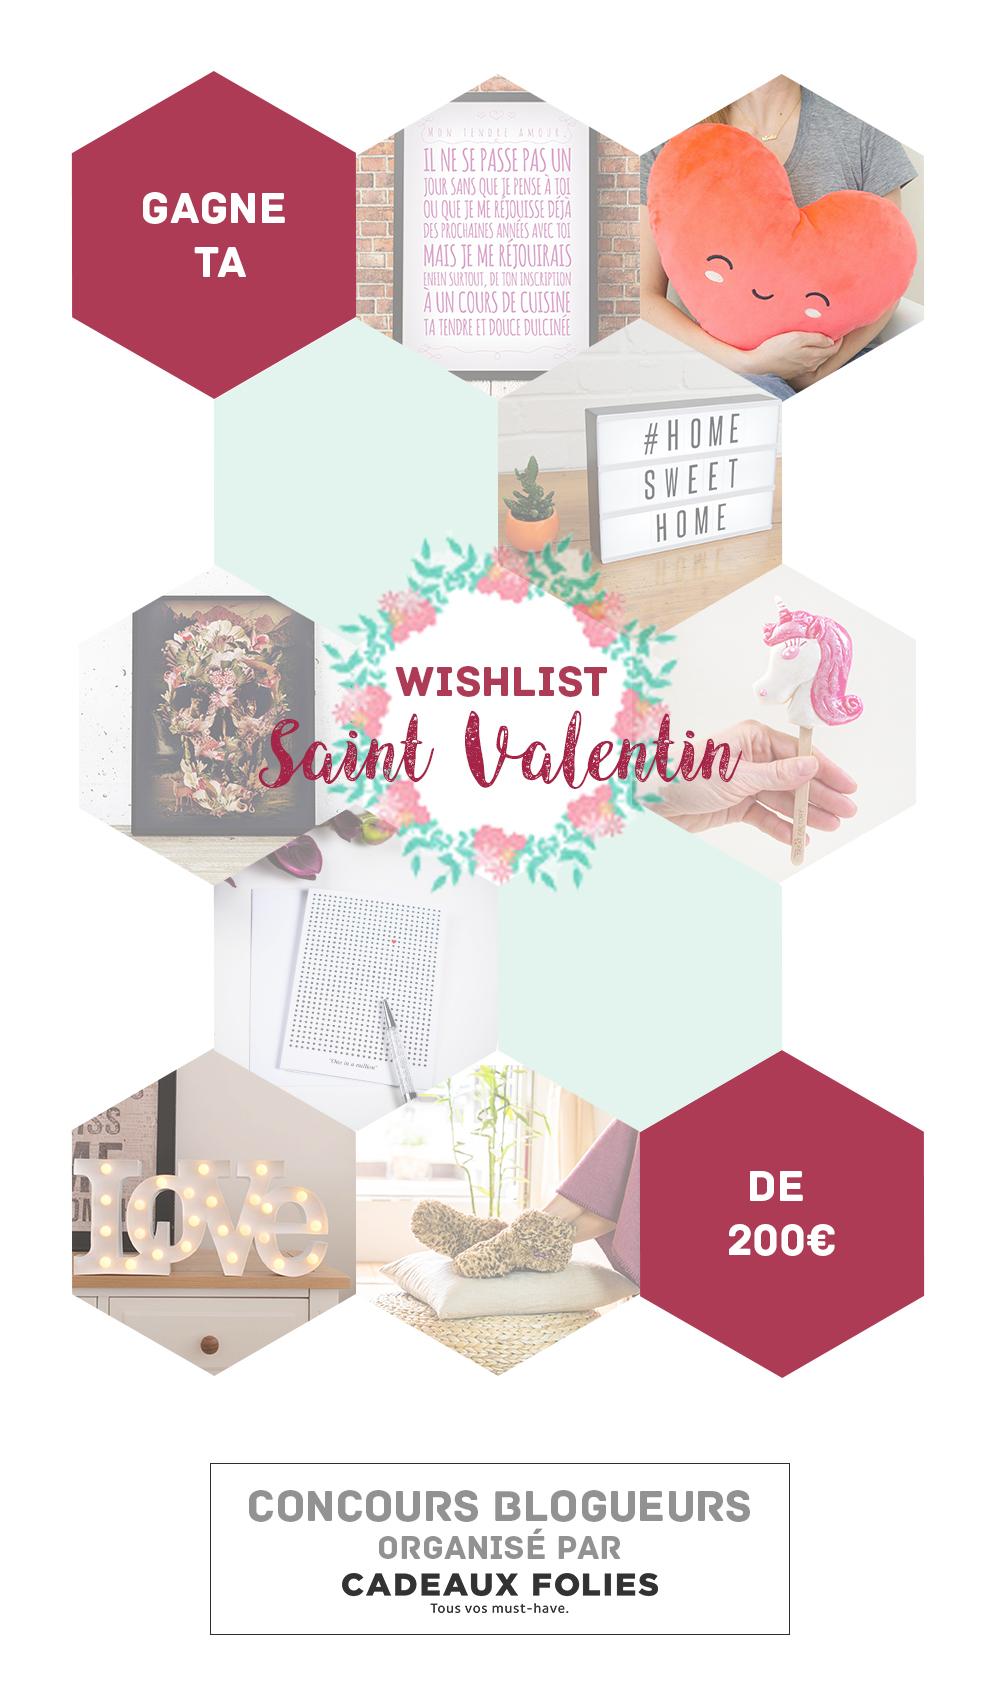 Concours blogueurs St Valentin